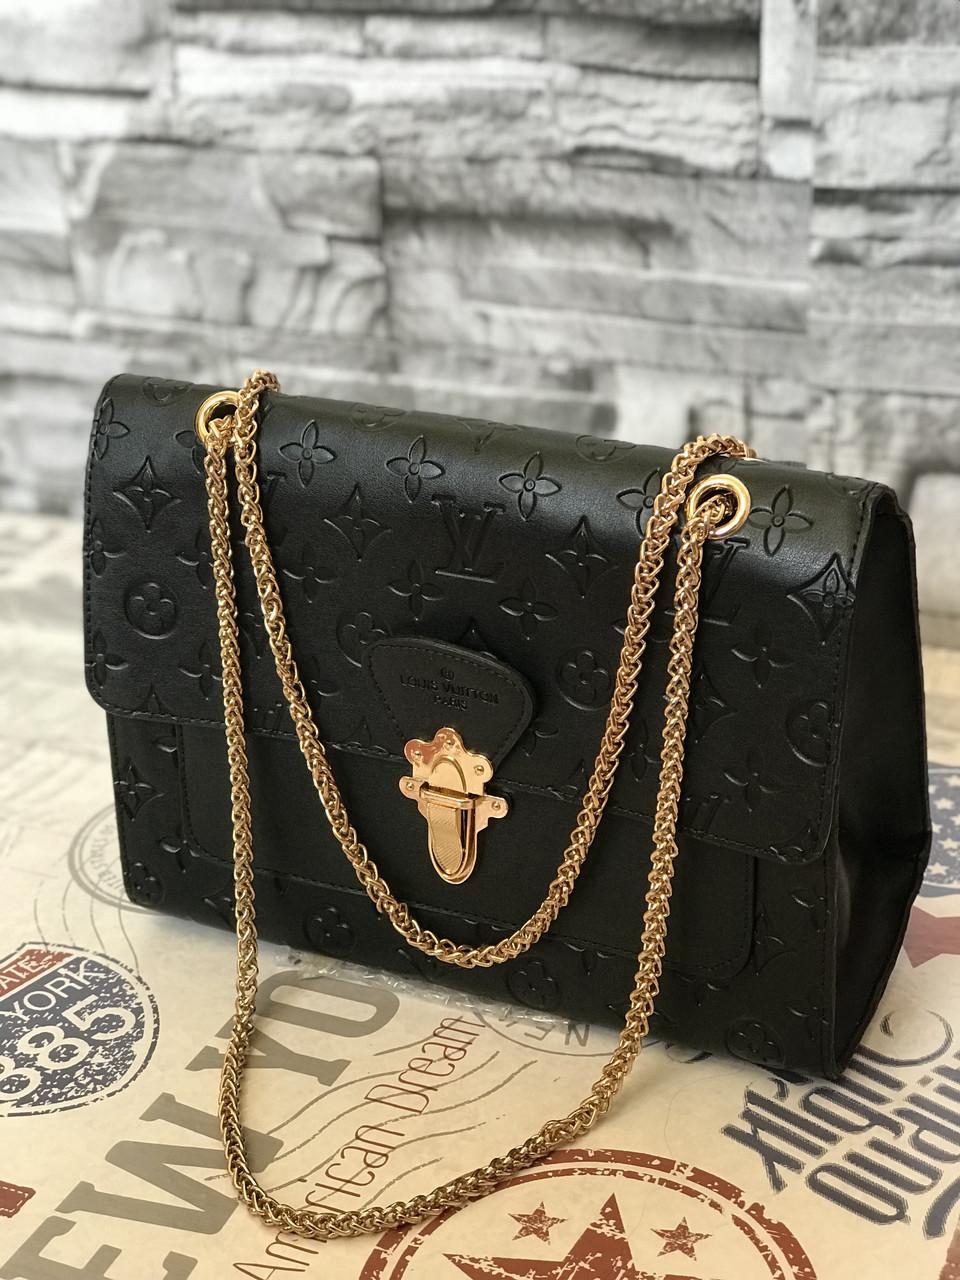 Сумка Louis Vuitton LV (реплика луи витон) black